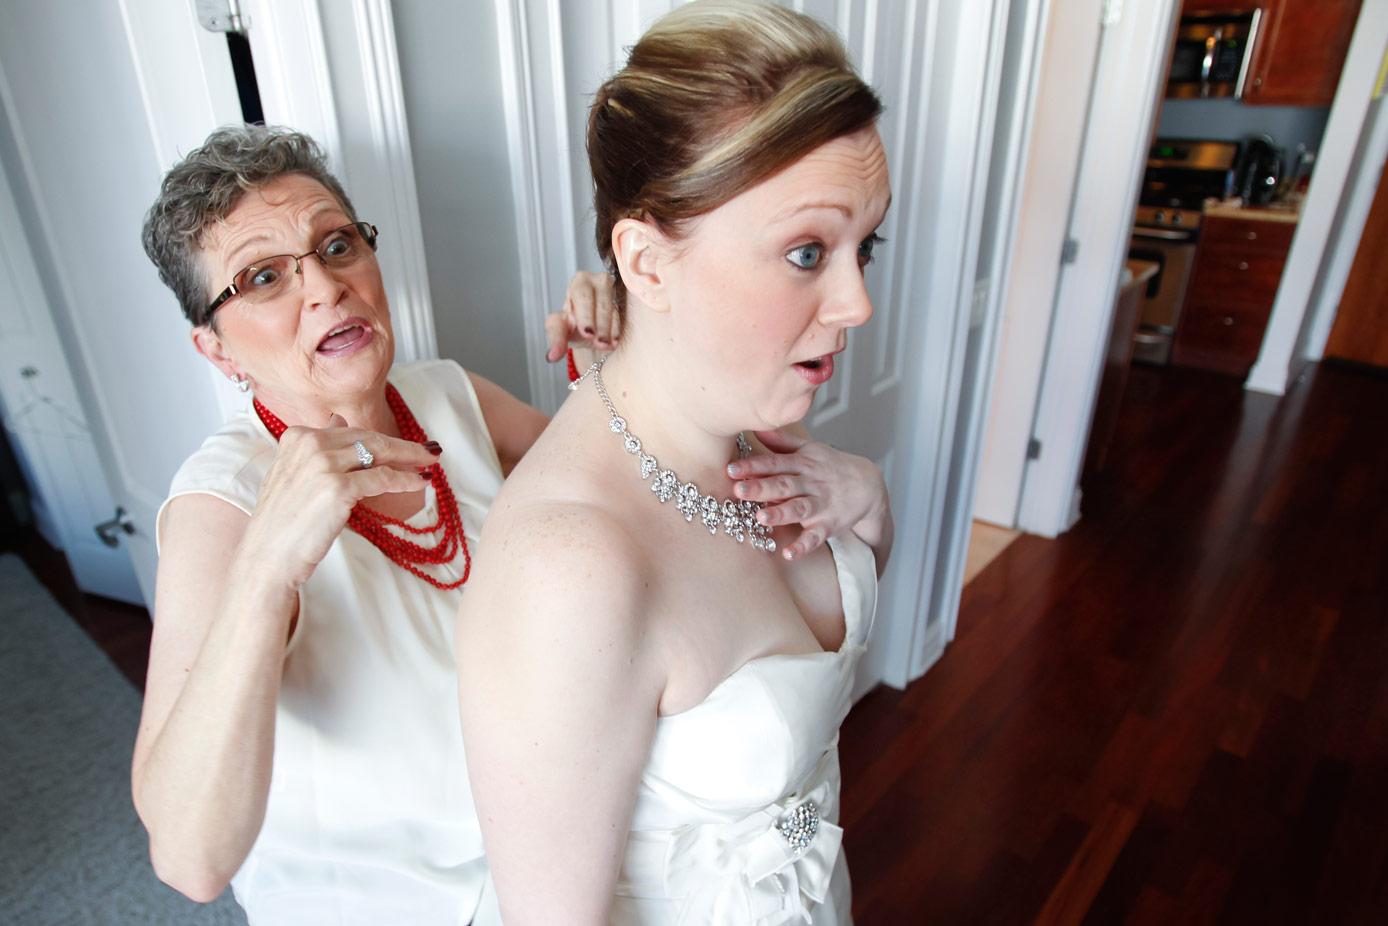 revolution-brewing-chicago-blackhawks-wedding-ruthie-hauge-photography-12.jpg